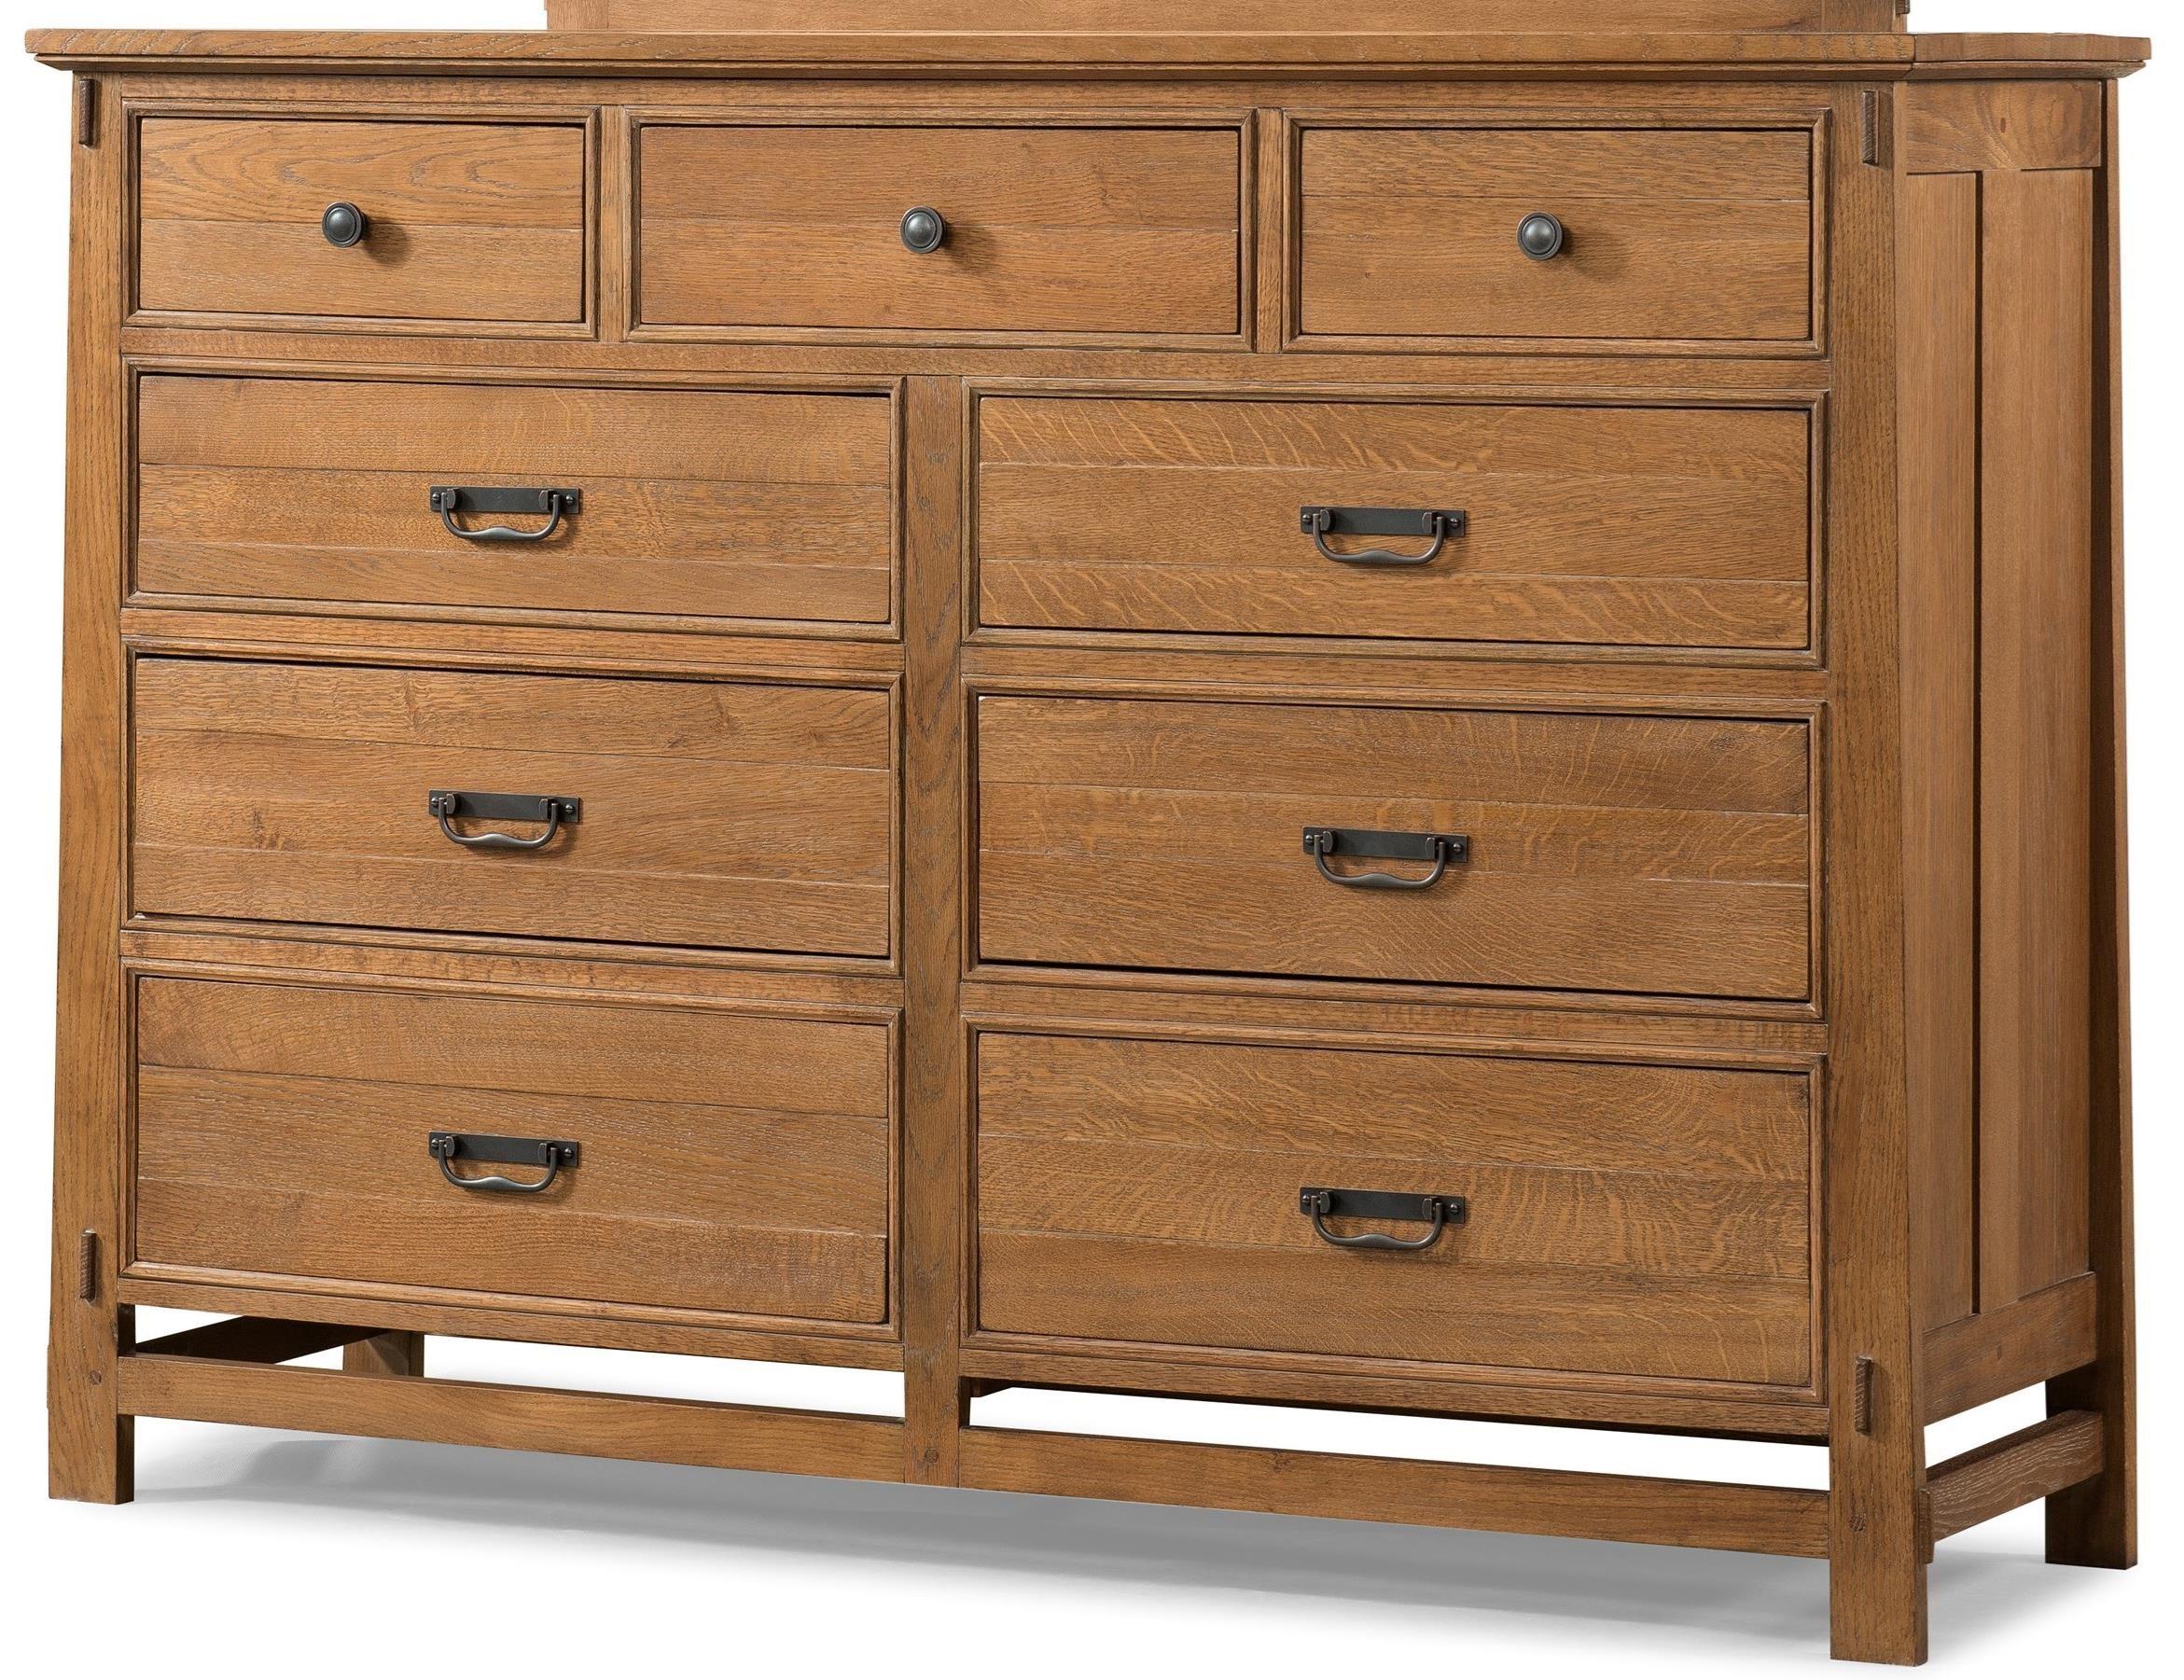 Cresent Fine Furniture Camden Media Dresser - Item Number: 202-101